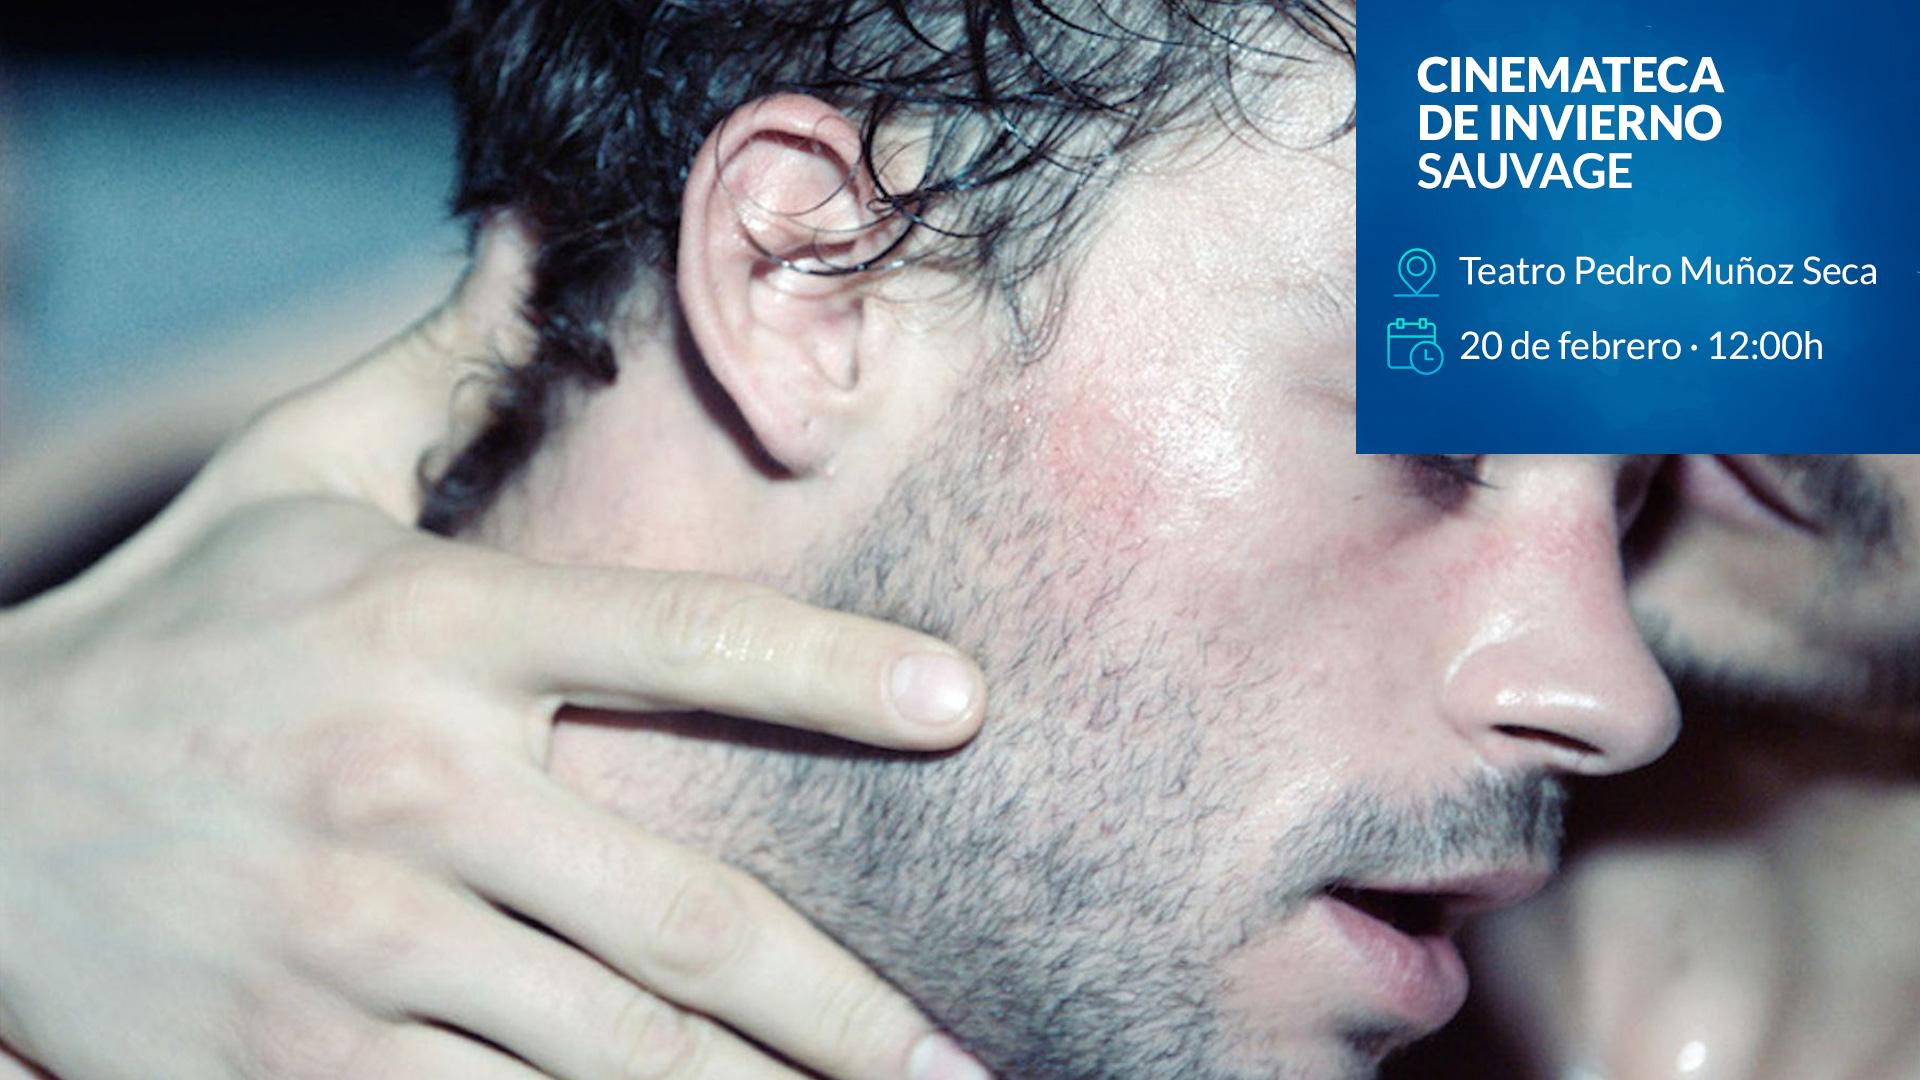 Cinemateca. Sauvage